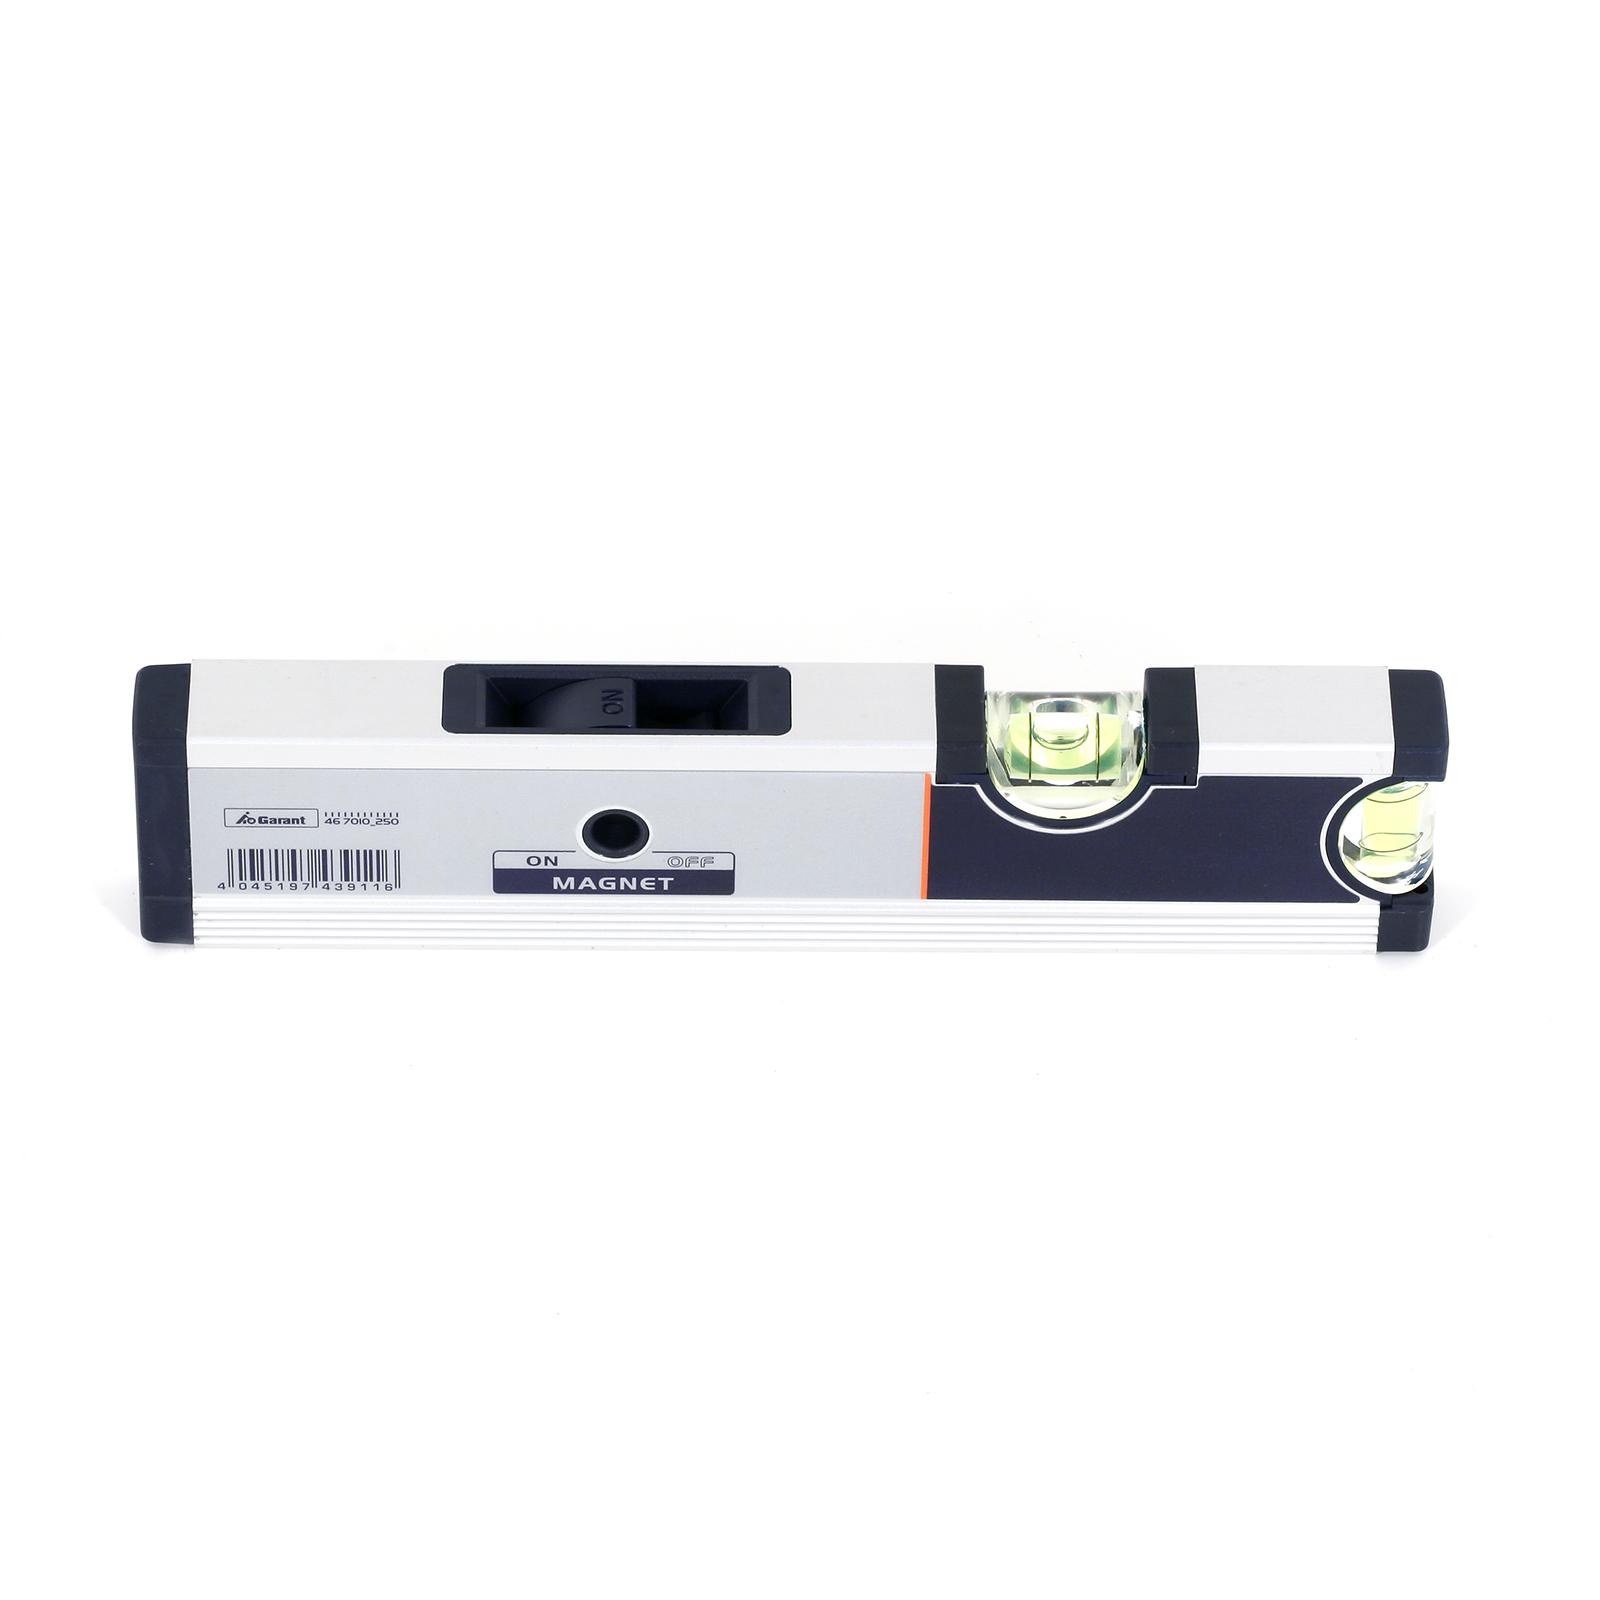 Wasserwaage Mit Magnet : garant wasserwaage mit zuschaltbarem magnet ~ Watch28wear.com Haus und Dekorationen